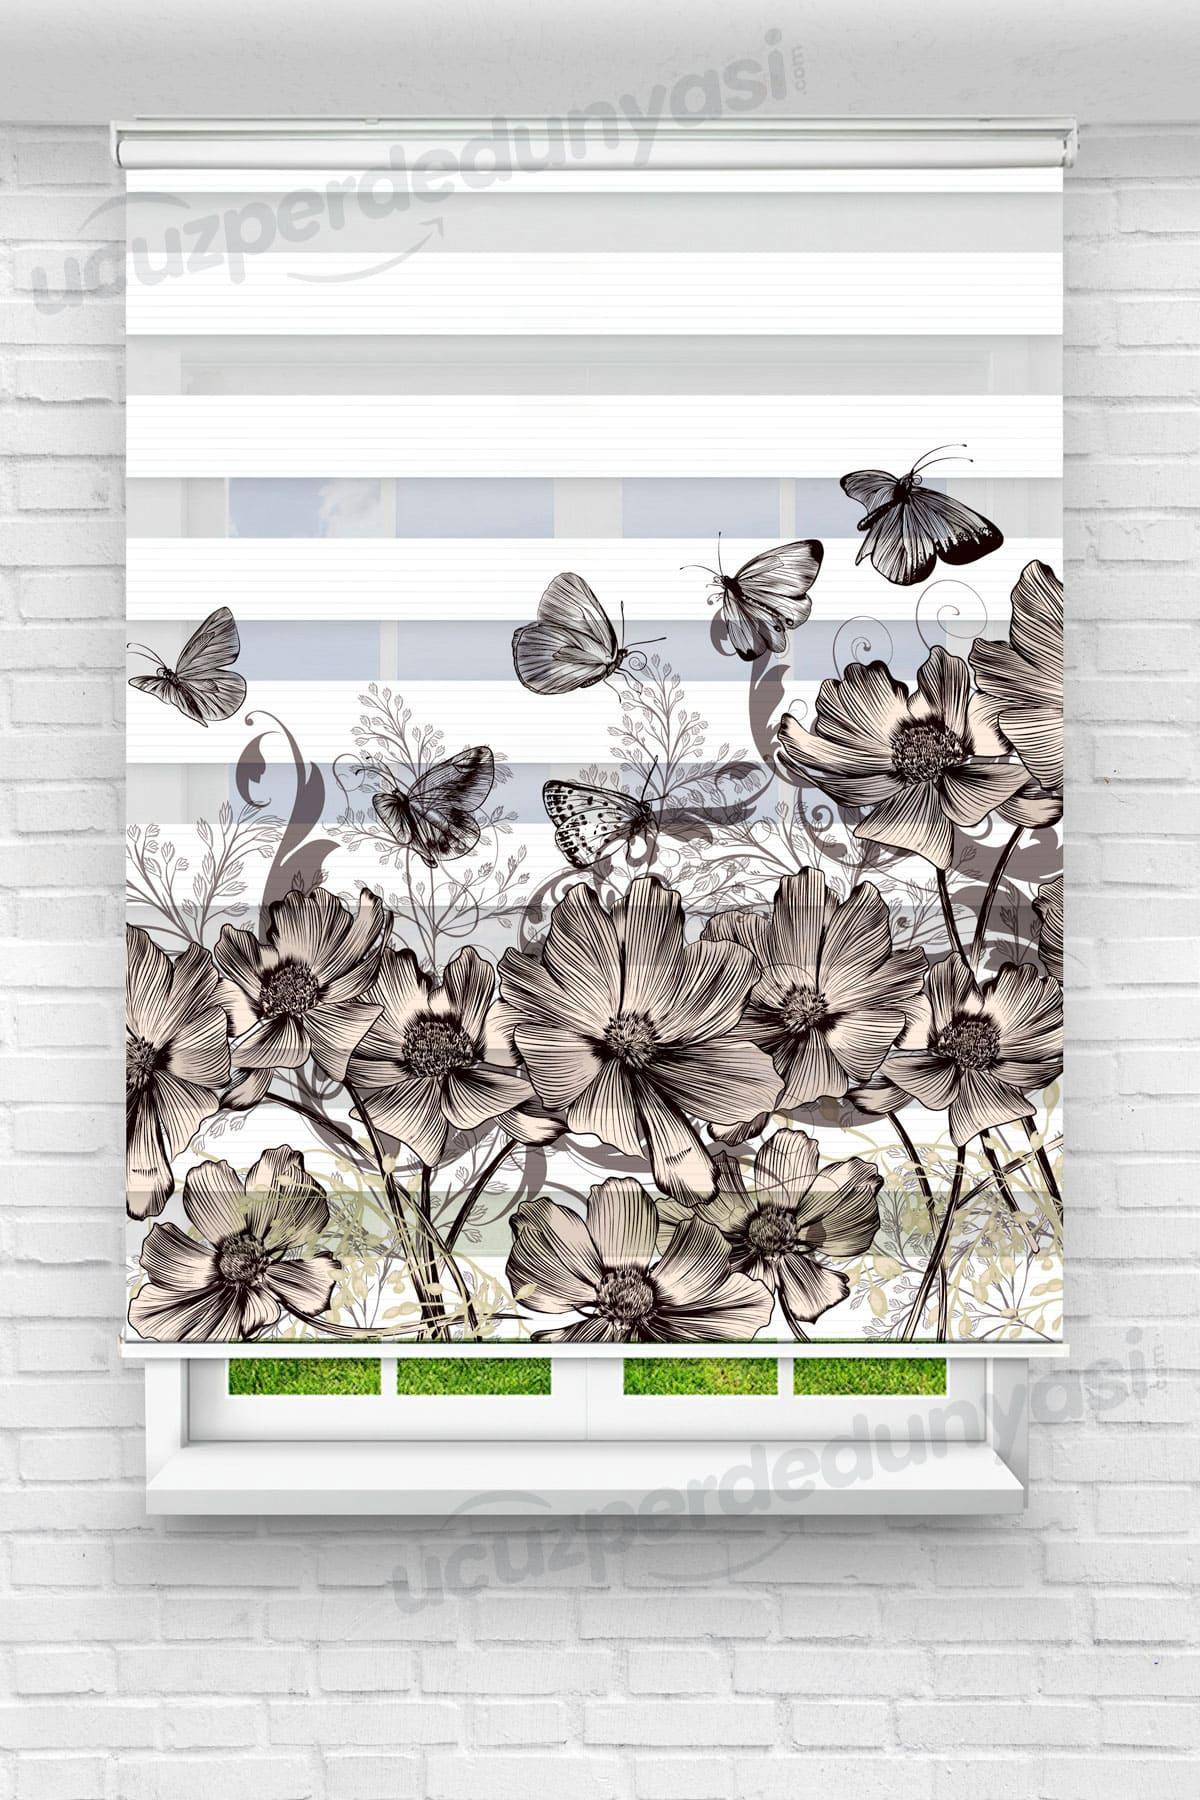 Çiçekler Üstündeki Kelebekler Mutfak Zebra Perde